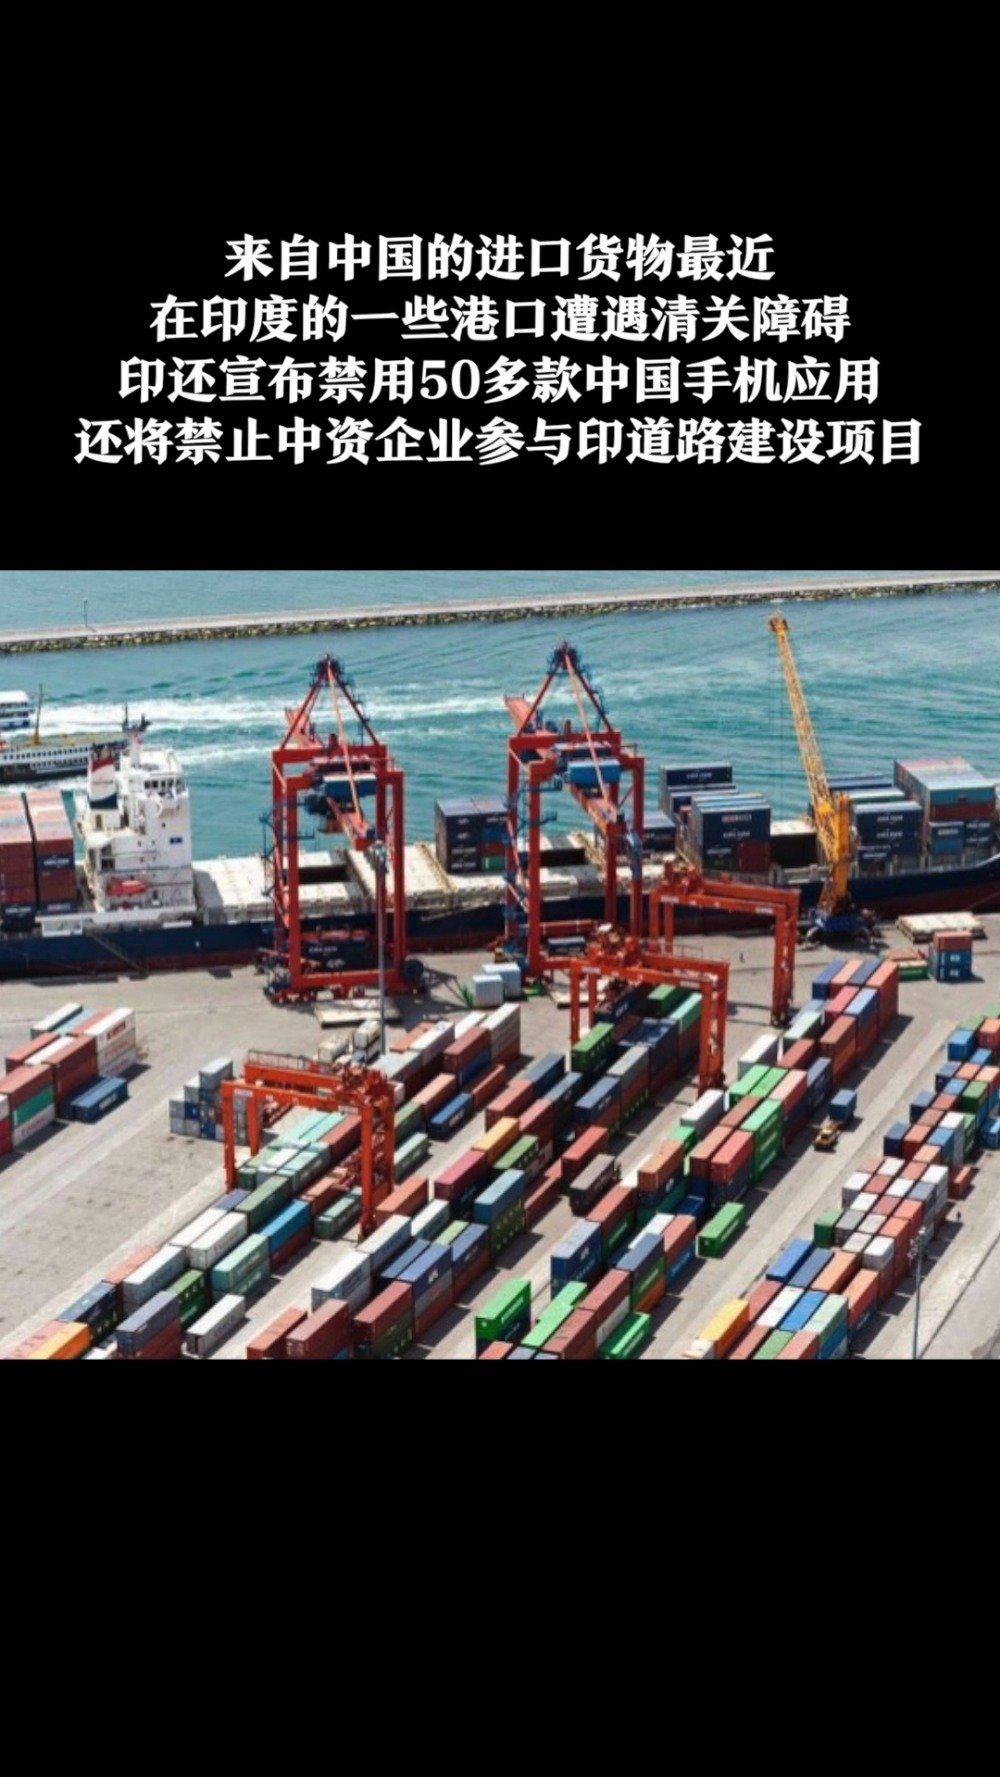 外交部回应印度对中国货物设障:将采取必要措施维护中企合法权益